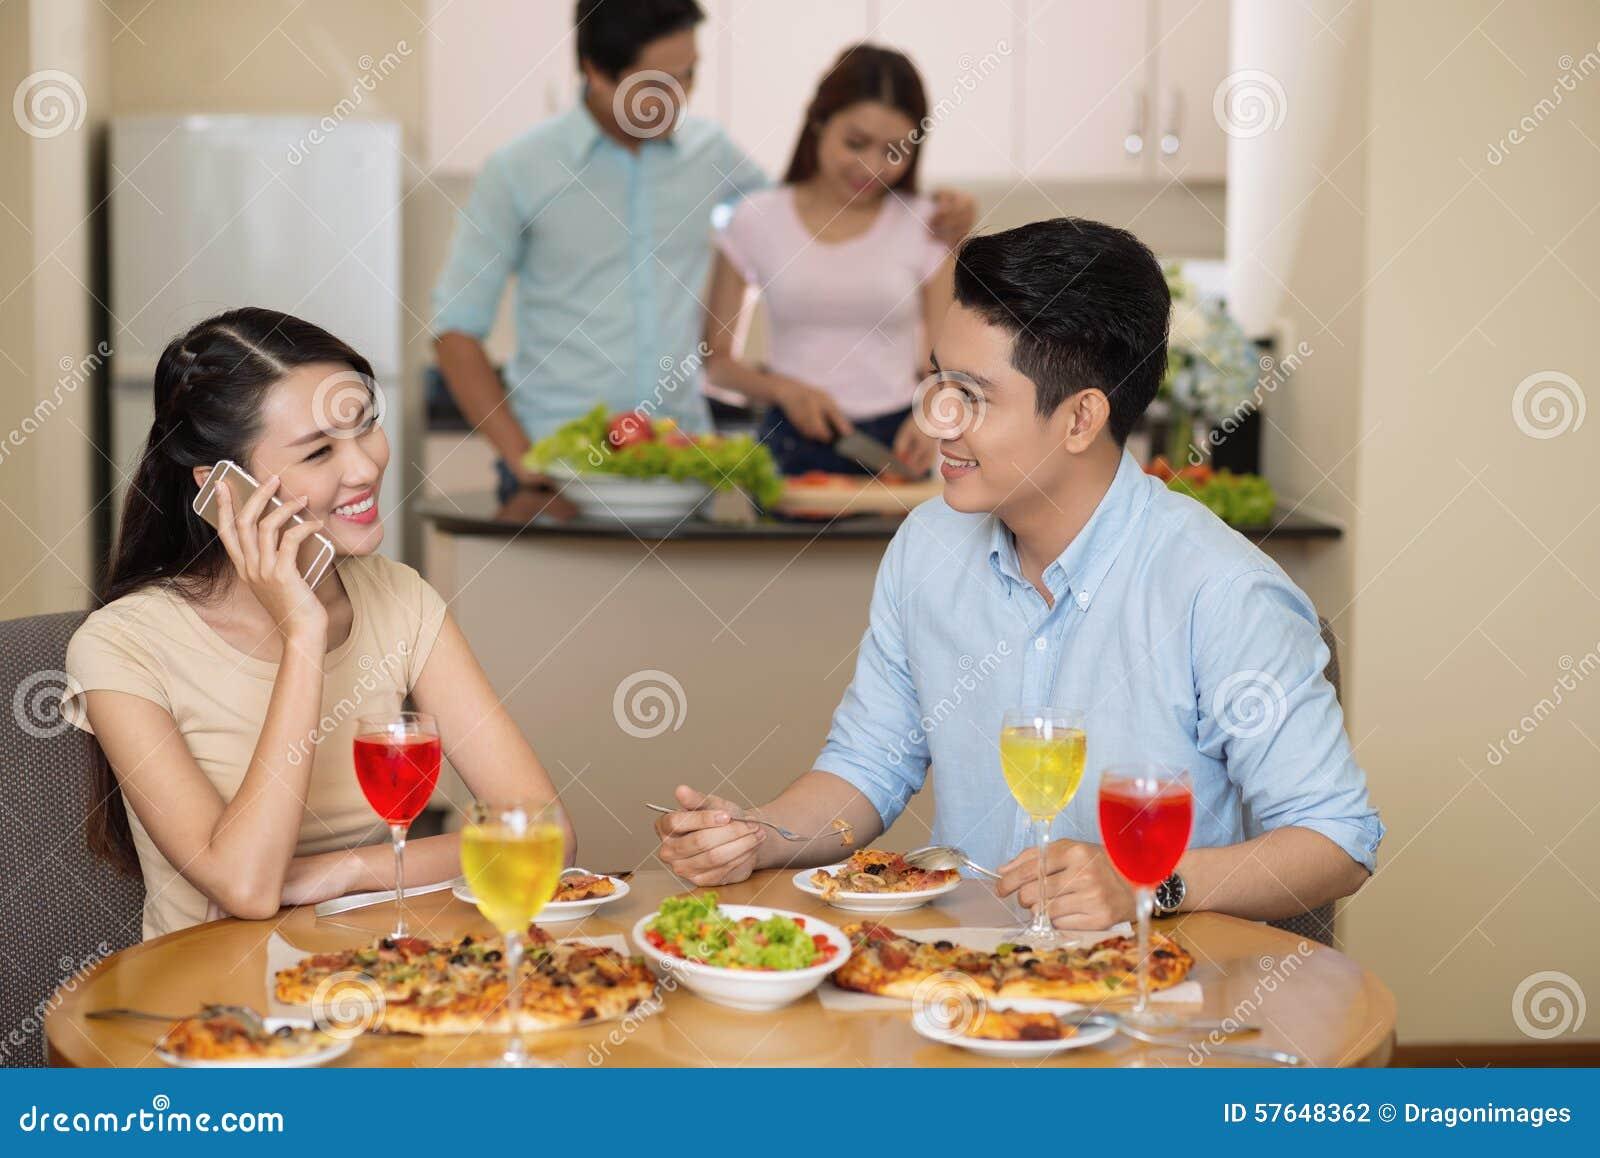 Bij het diner